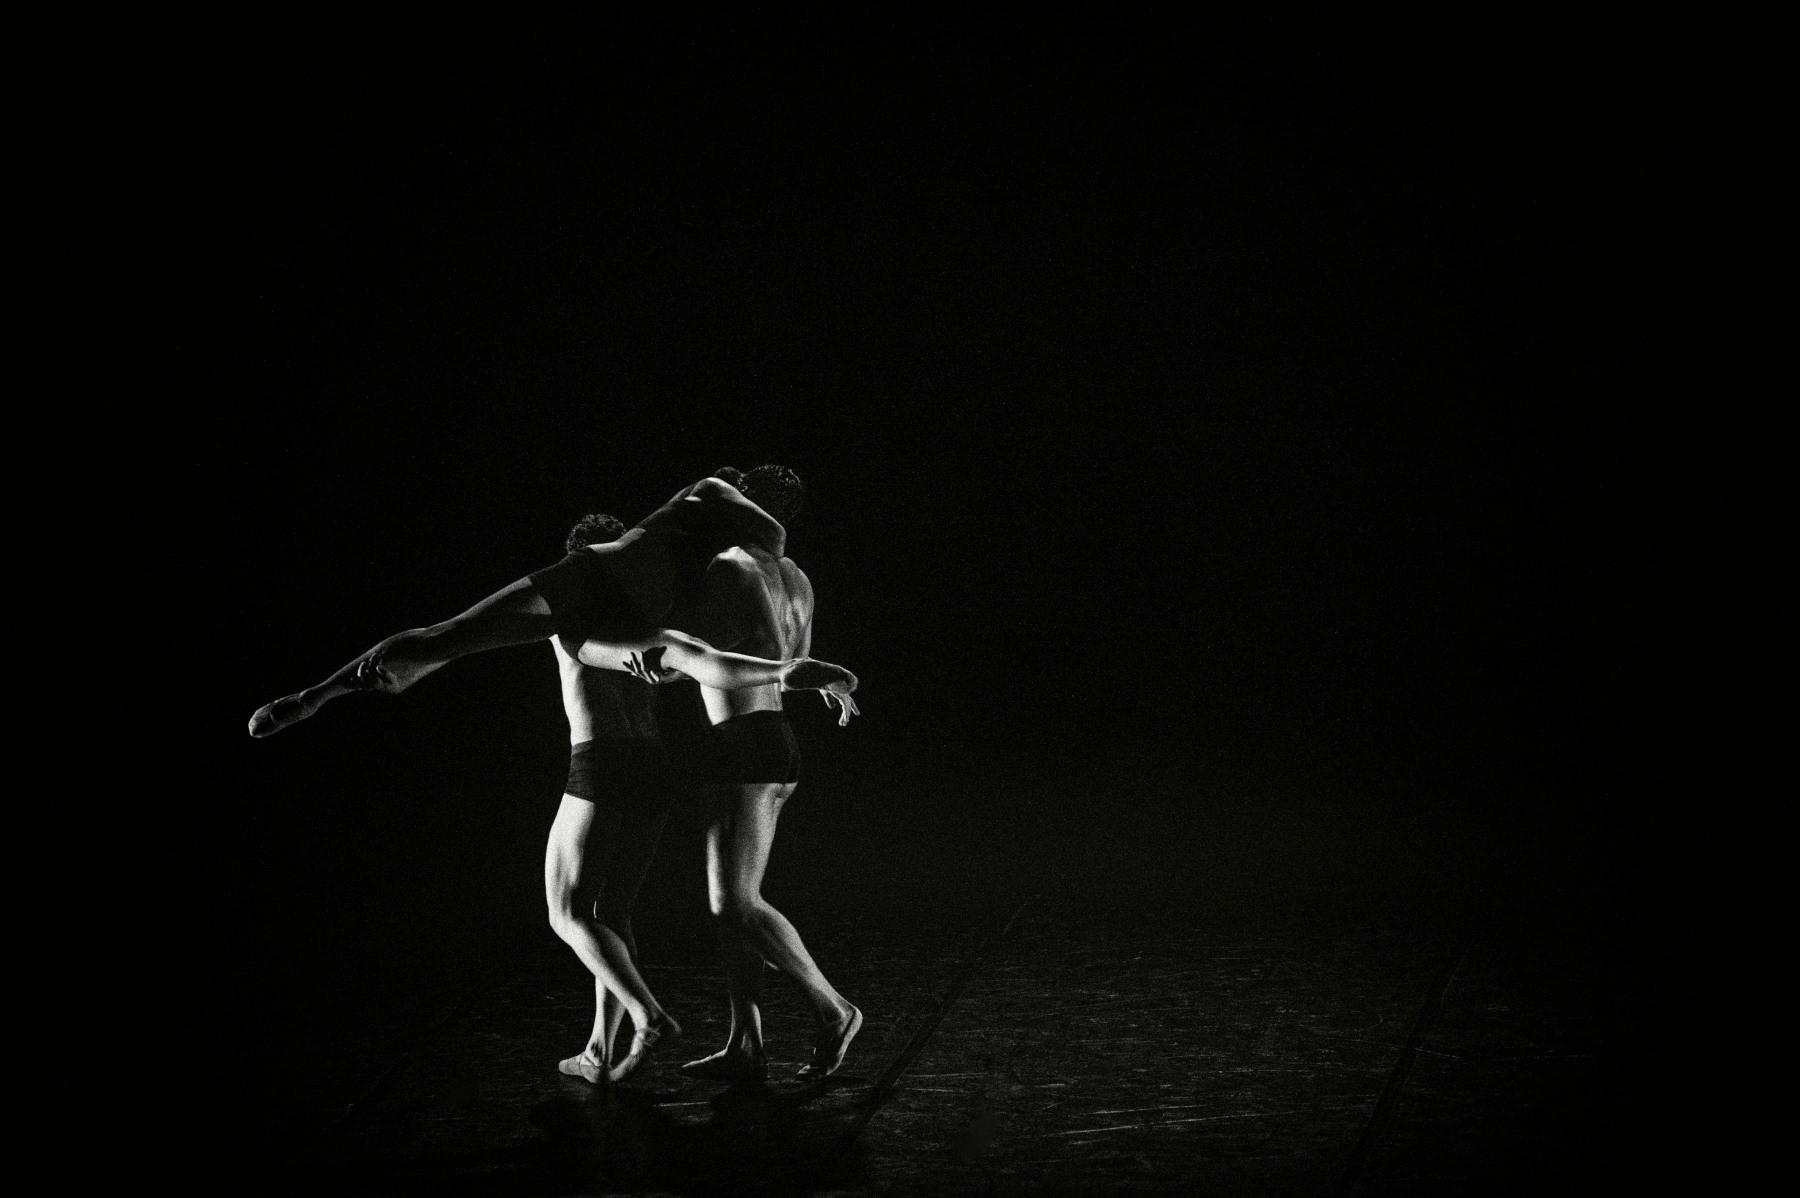 Gabriele-Rossi-124 Dance